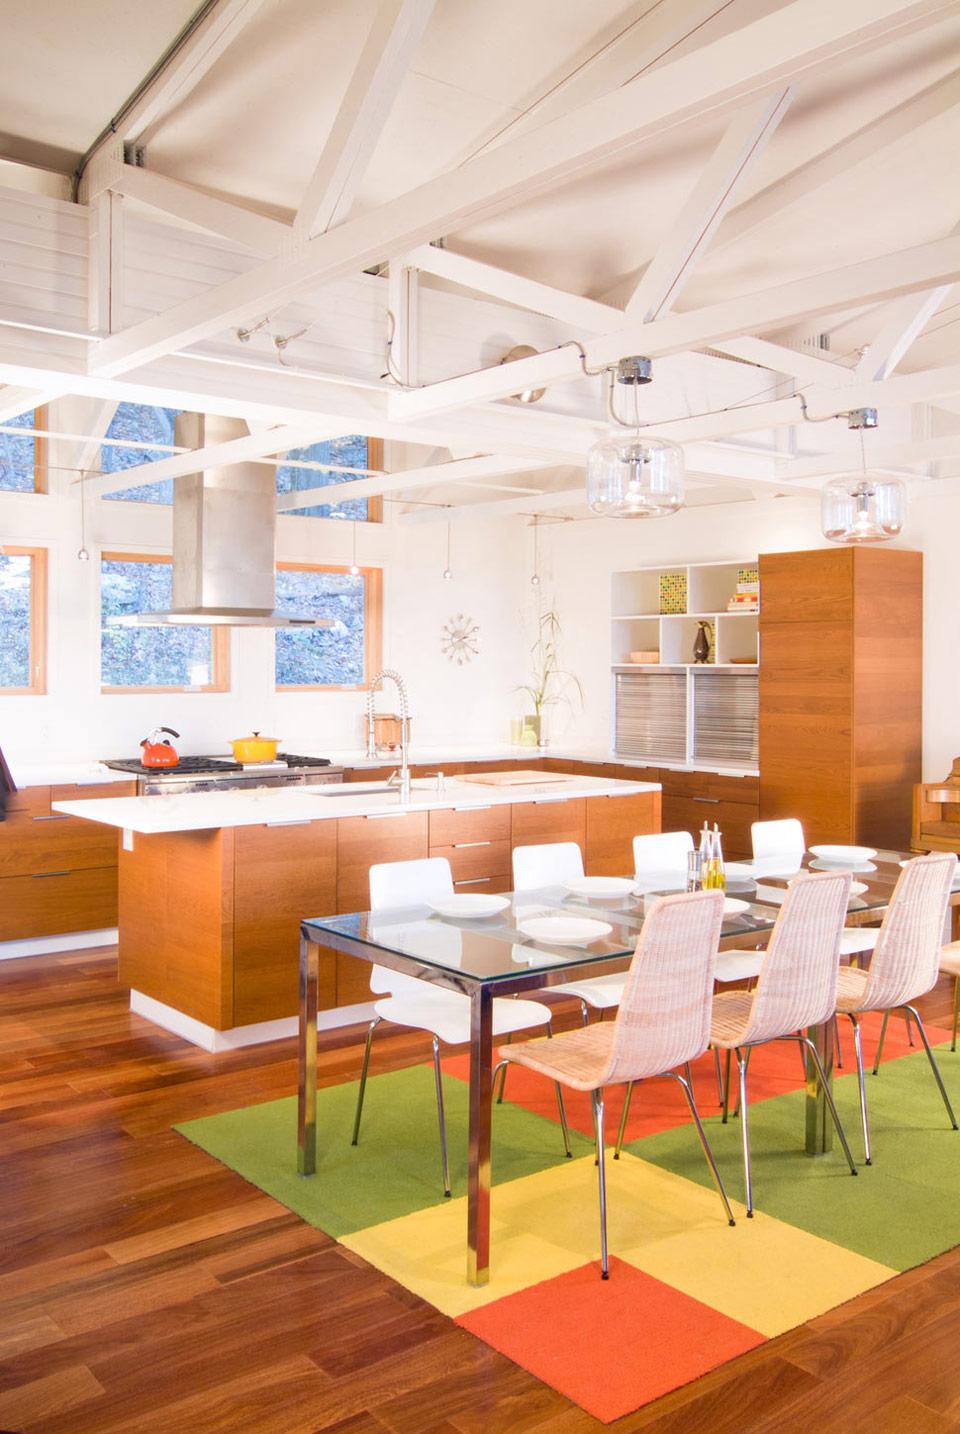 star-tannery-cabin-reader-swartz-architects-4